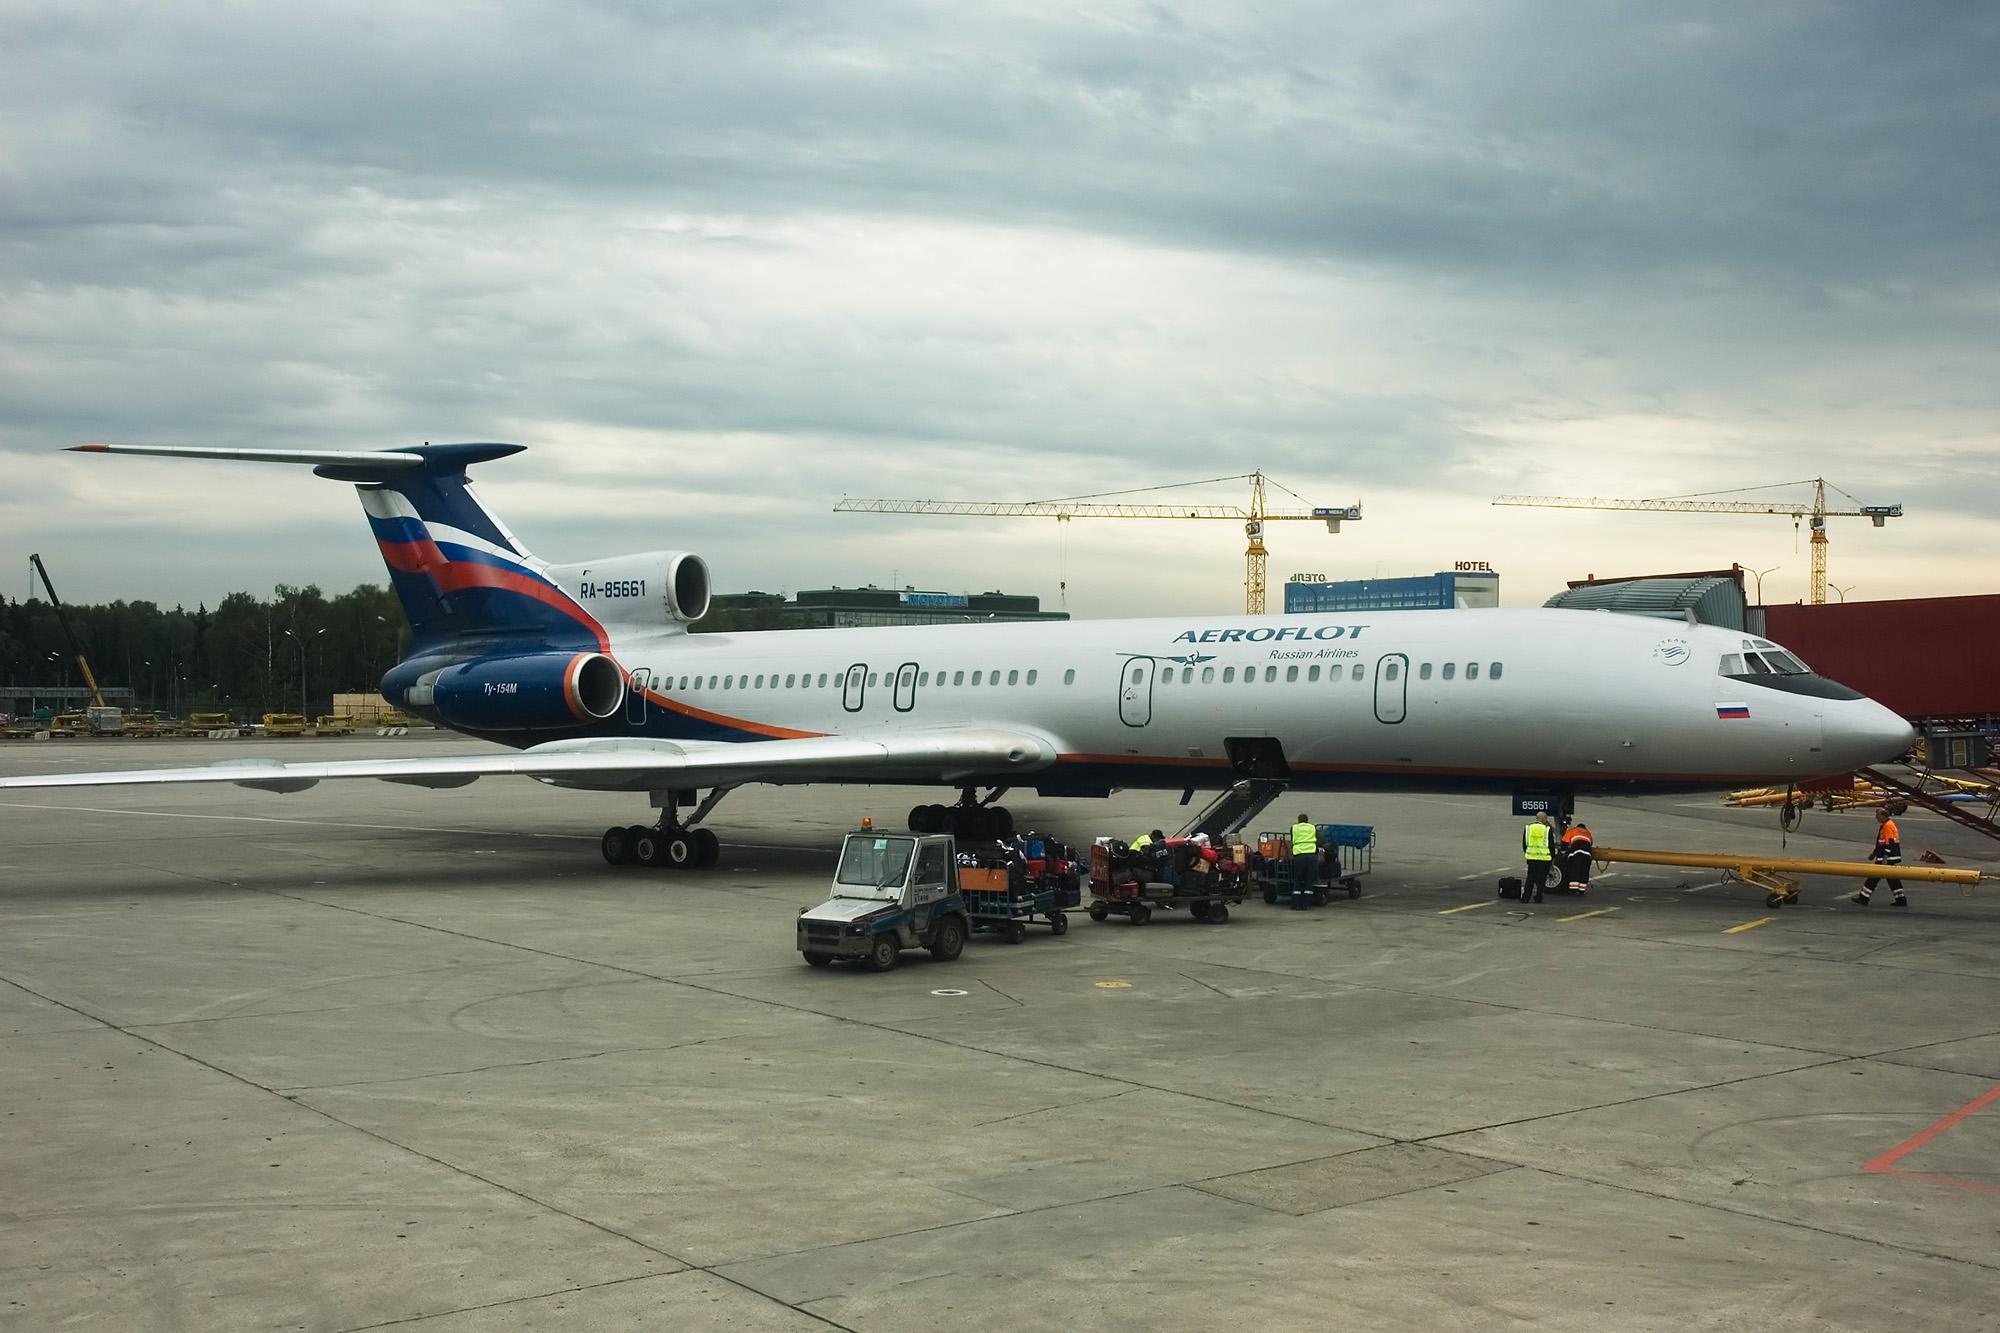 аэрофлот ту-154 фото